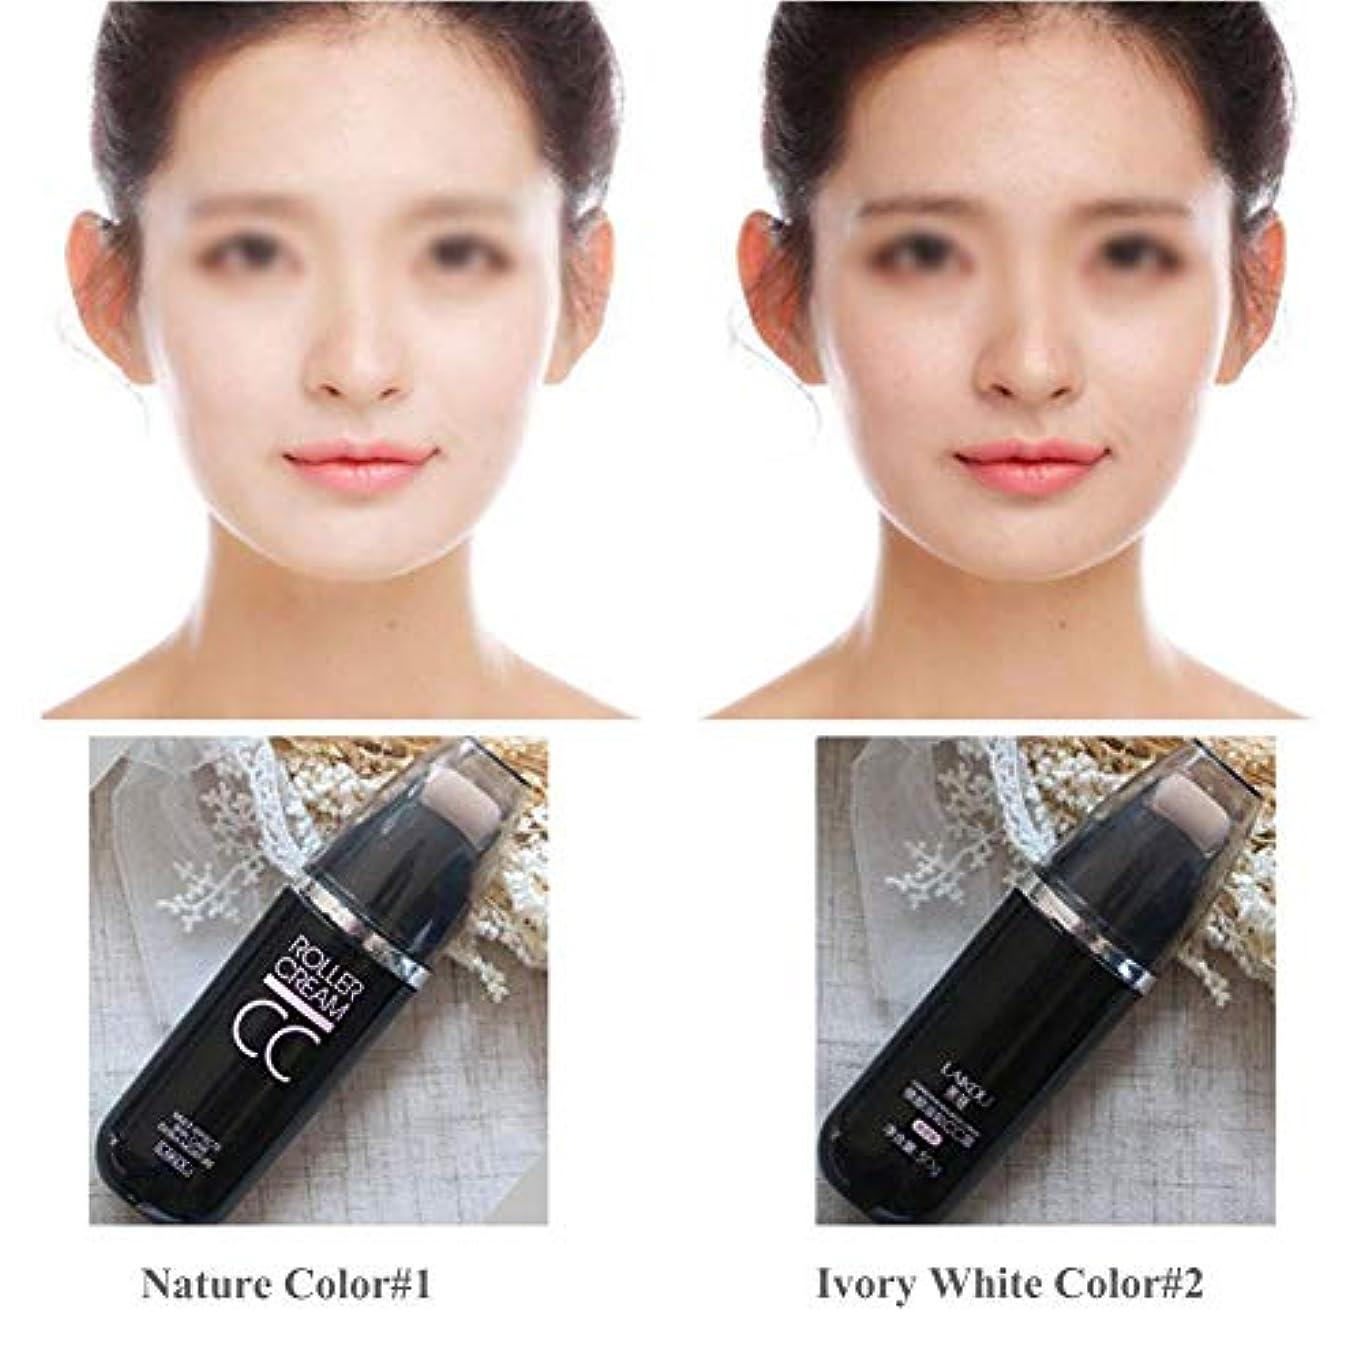 ただすなわち突き刺す化粧ベース、BBクリームエアクッションBBクリームは肌を明るくし、シミや毛穴を覆い、絶妙な外観を作り出します。防水コンシーラーファンデーション(#2)